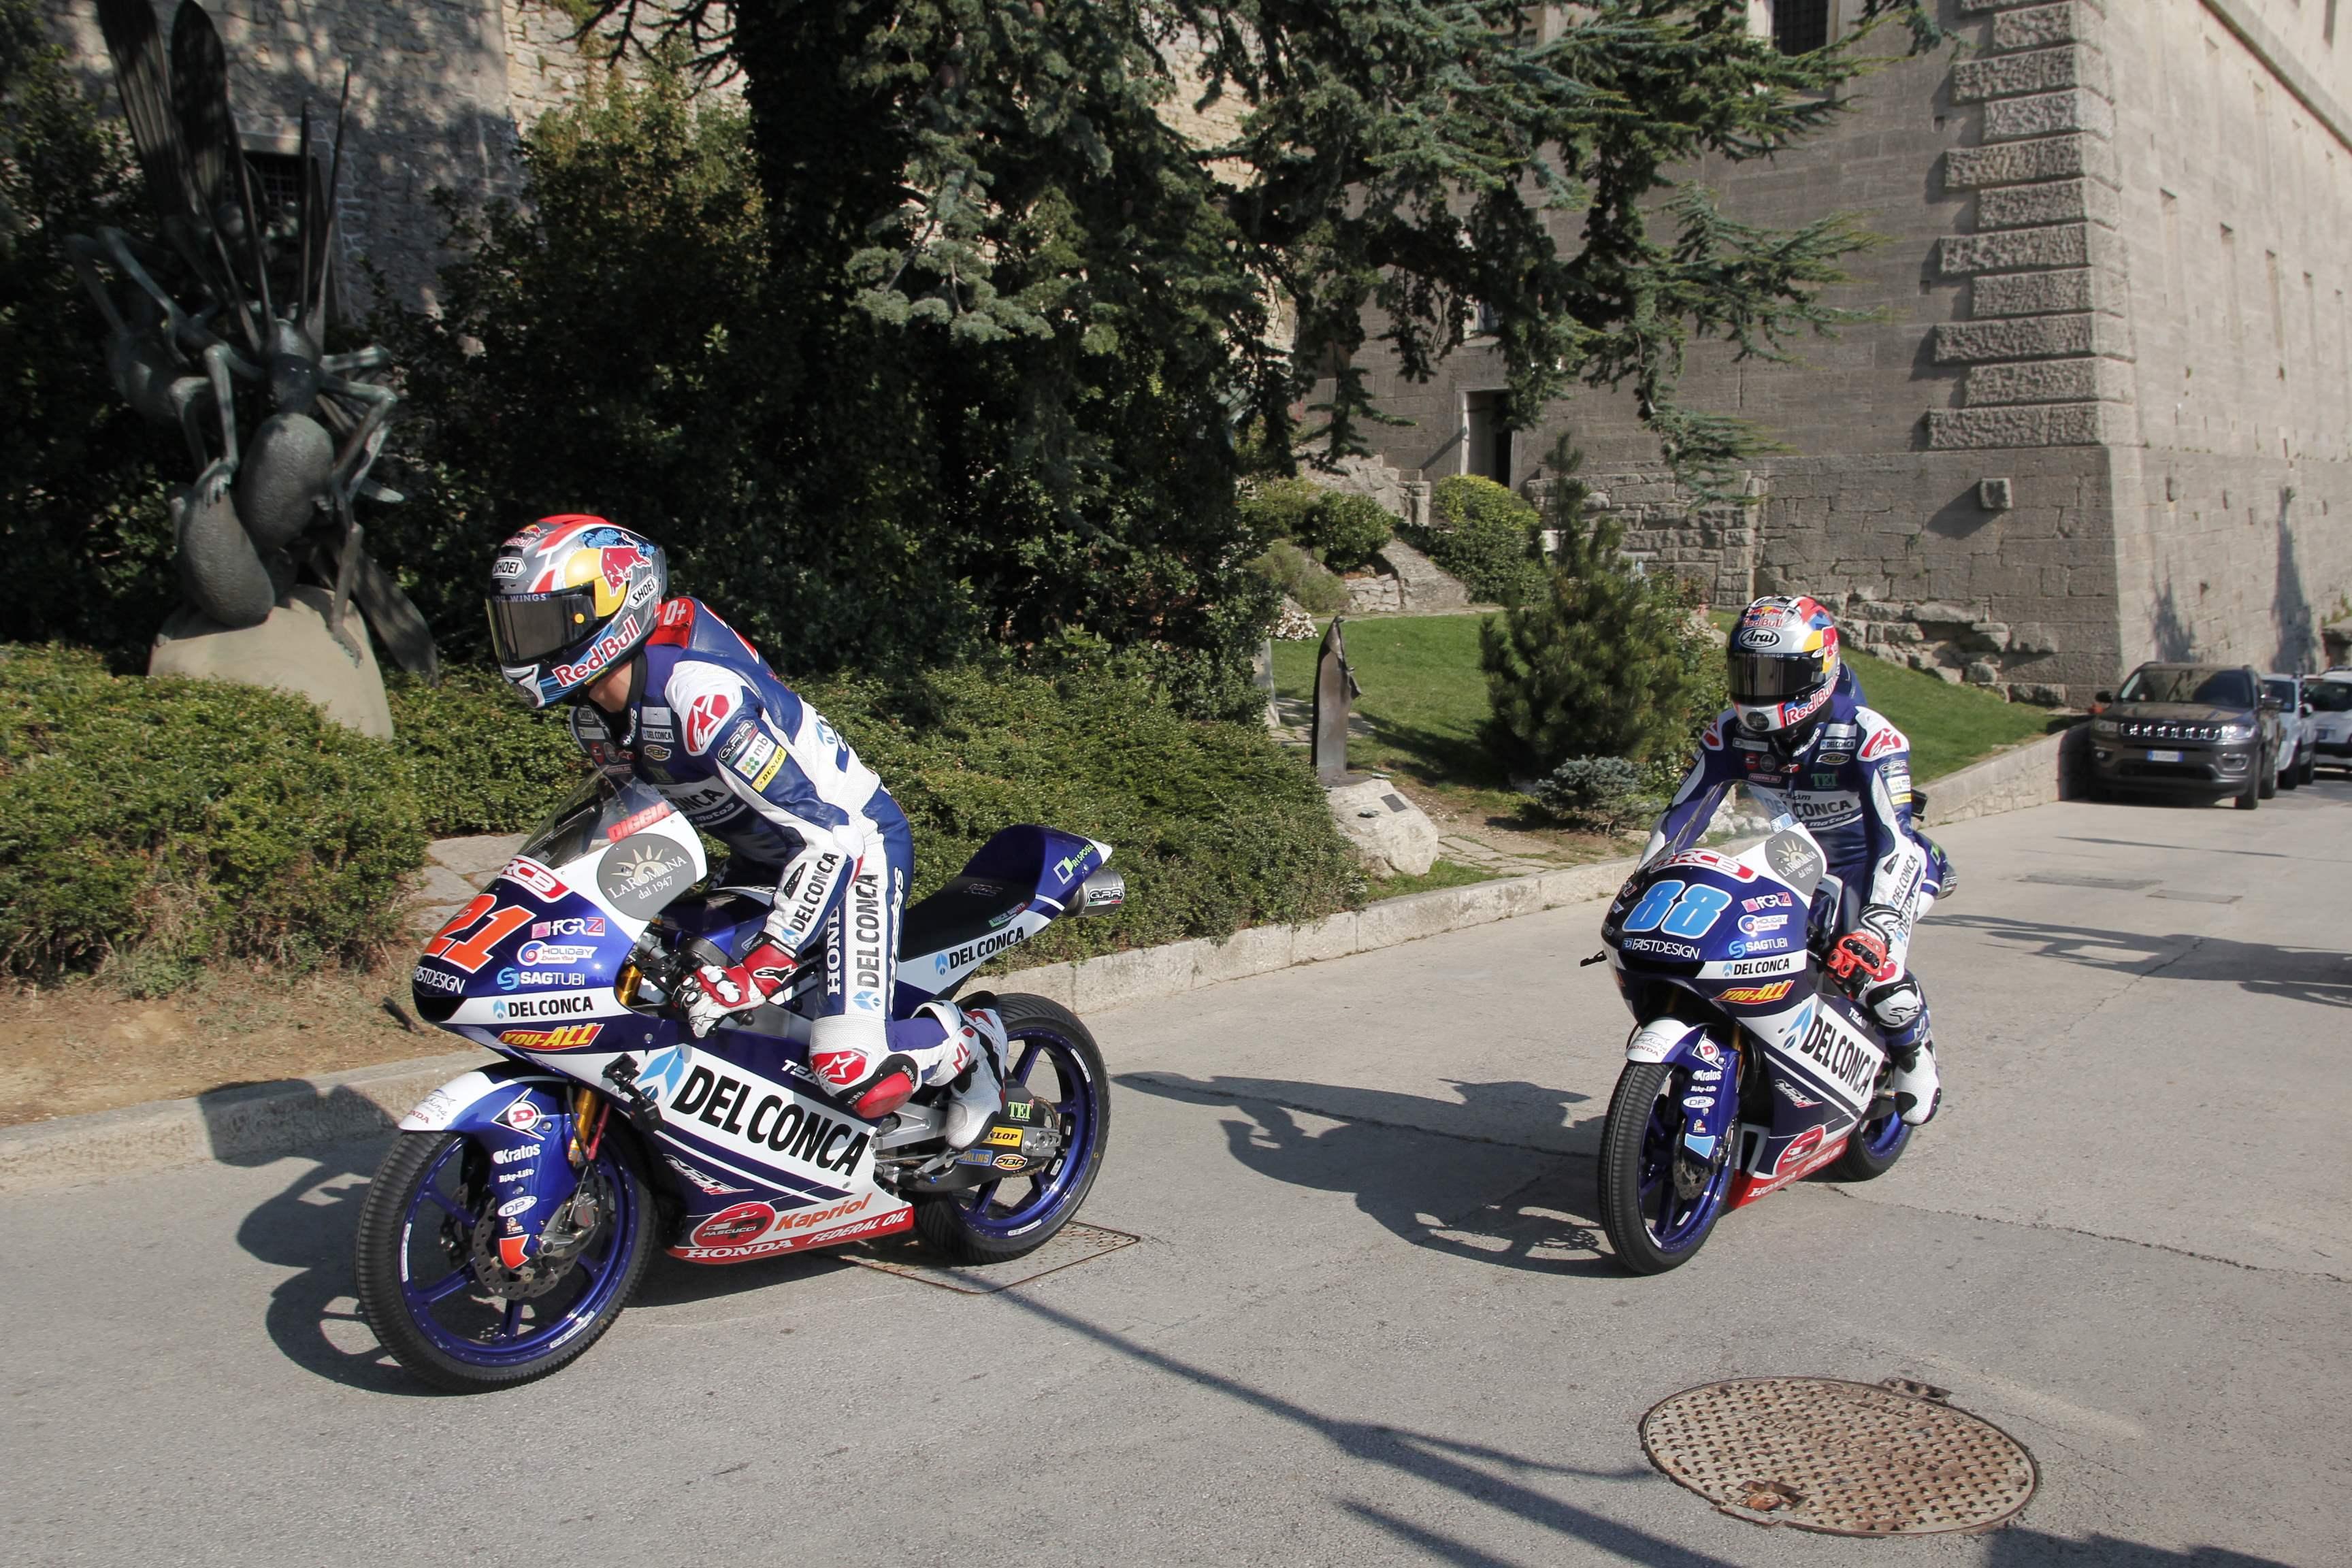 Circuito San Marino : San marino motogp parade partiti i media event ufficiale dorna